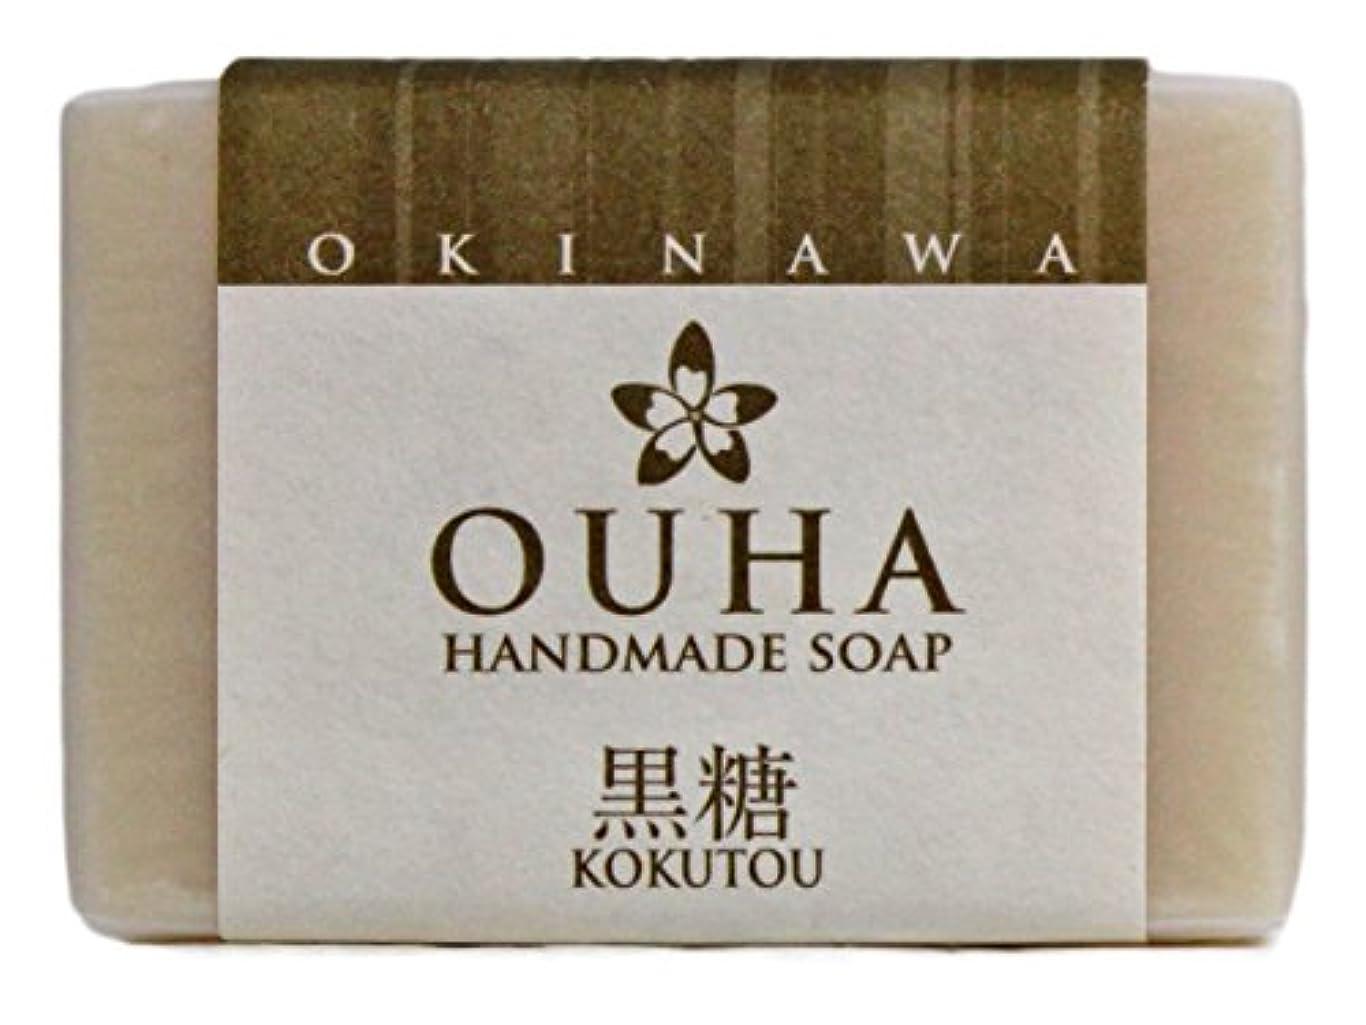 イチゴドットトラック沖縄手作り洗顔せっけん OUHAソープ 黒糖 47g